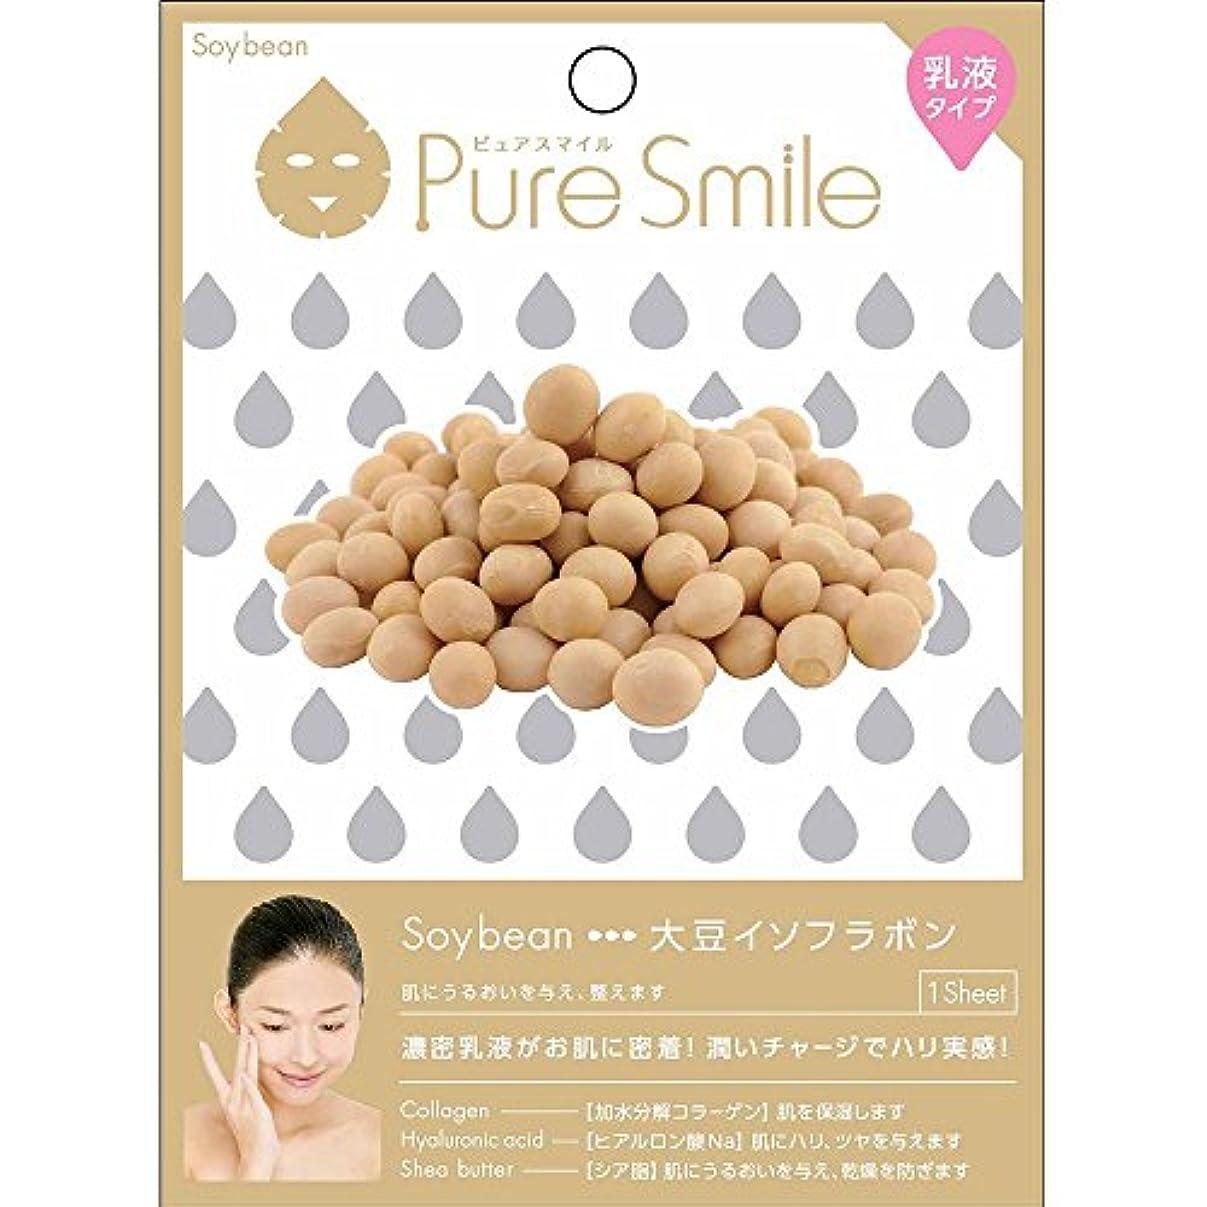 励起着飾る財団Pure Smile(ピュアスマイル) 乳液エッセンスマスク 1 枚 大豆イソフラボン